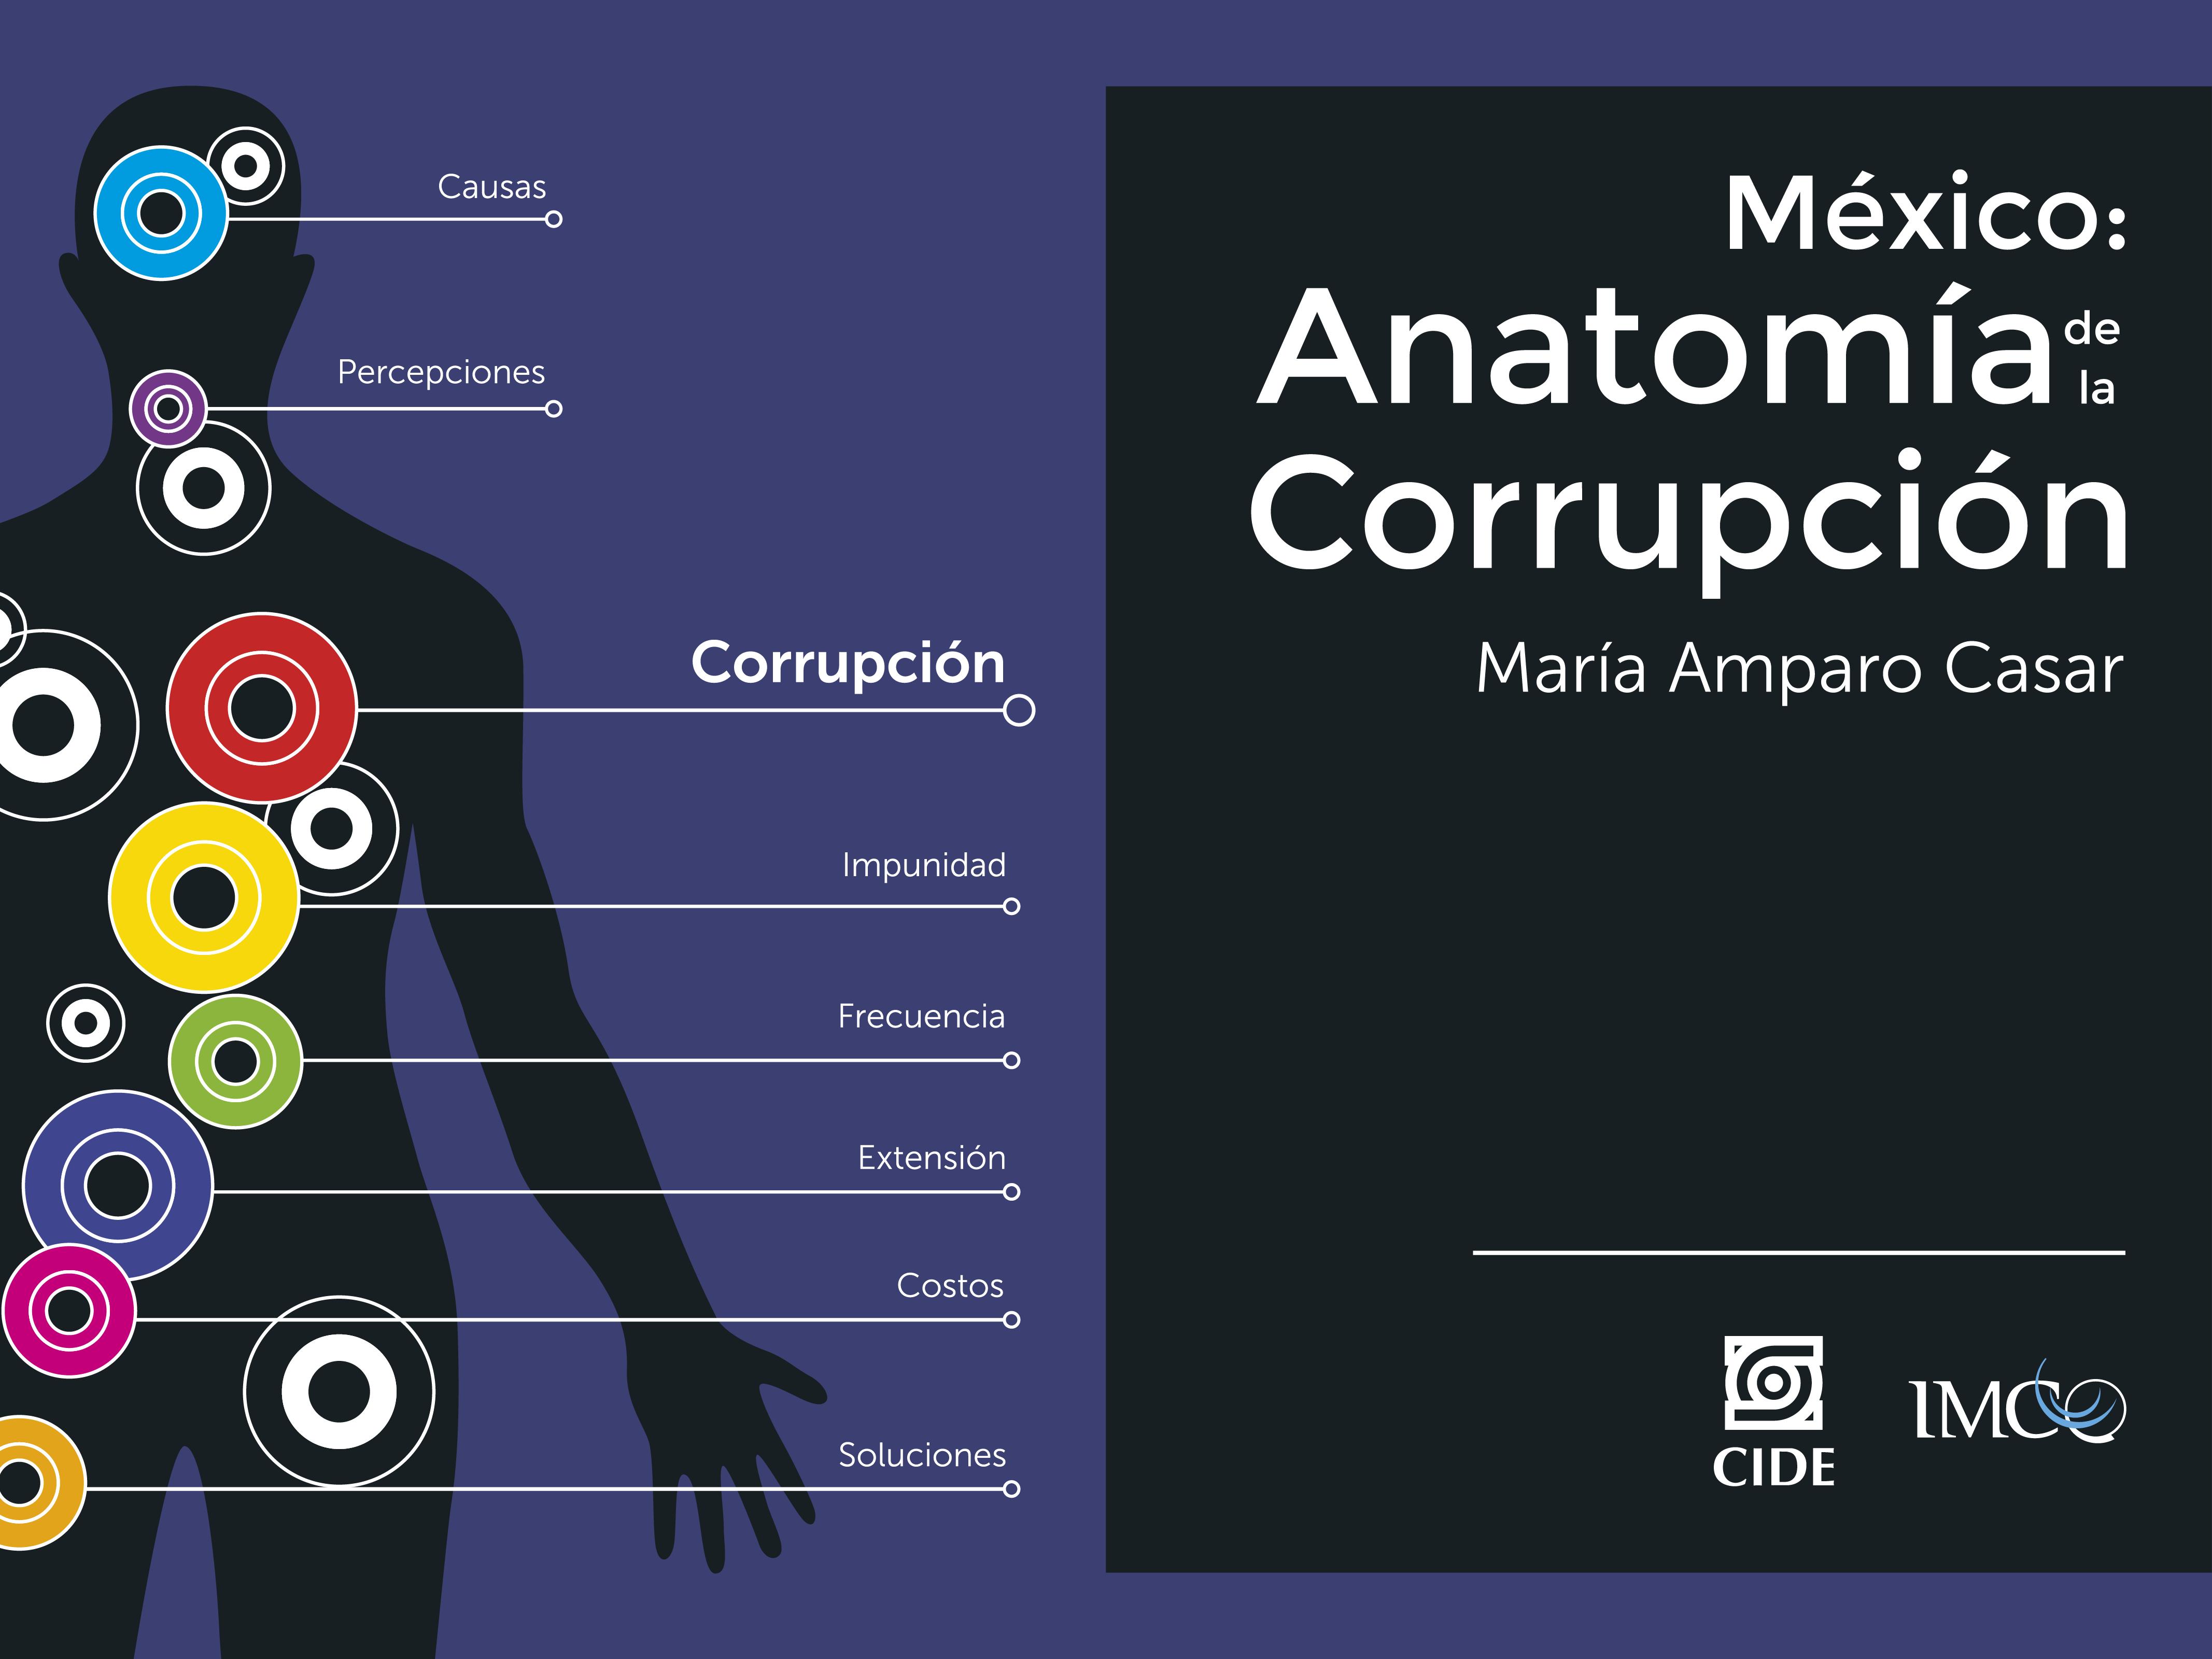 México: Anatomía de la Corrupción - Instituto Mexicano para la ...